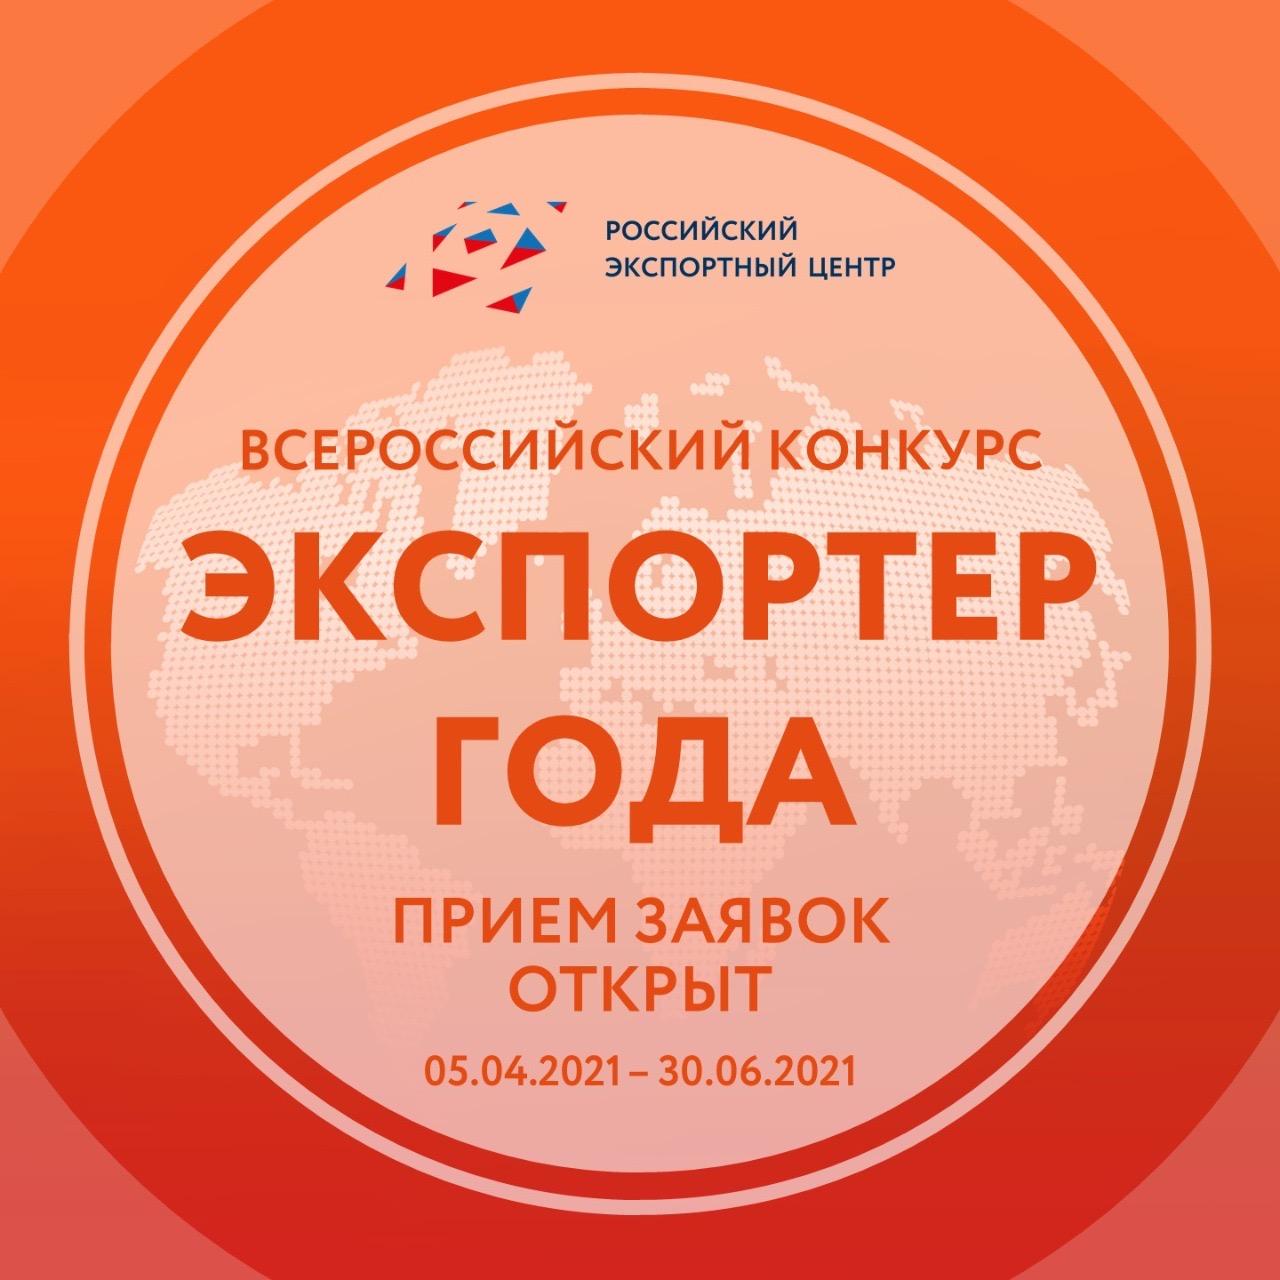 РЭЦ продлевает срок приема заявок на участие во Всероссийском конкурсе «Экспортер года»